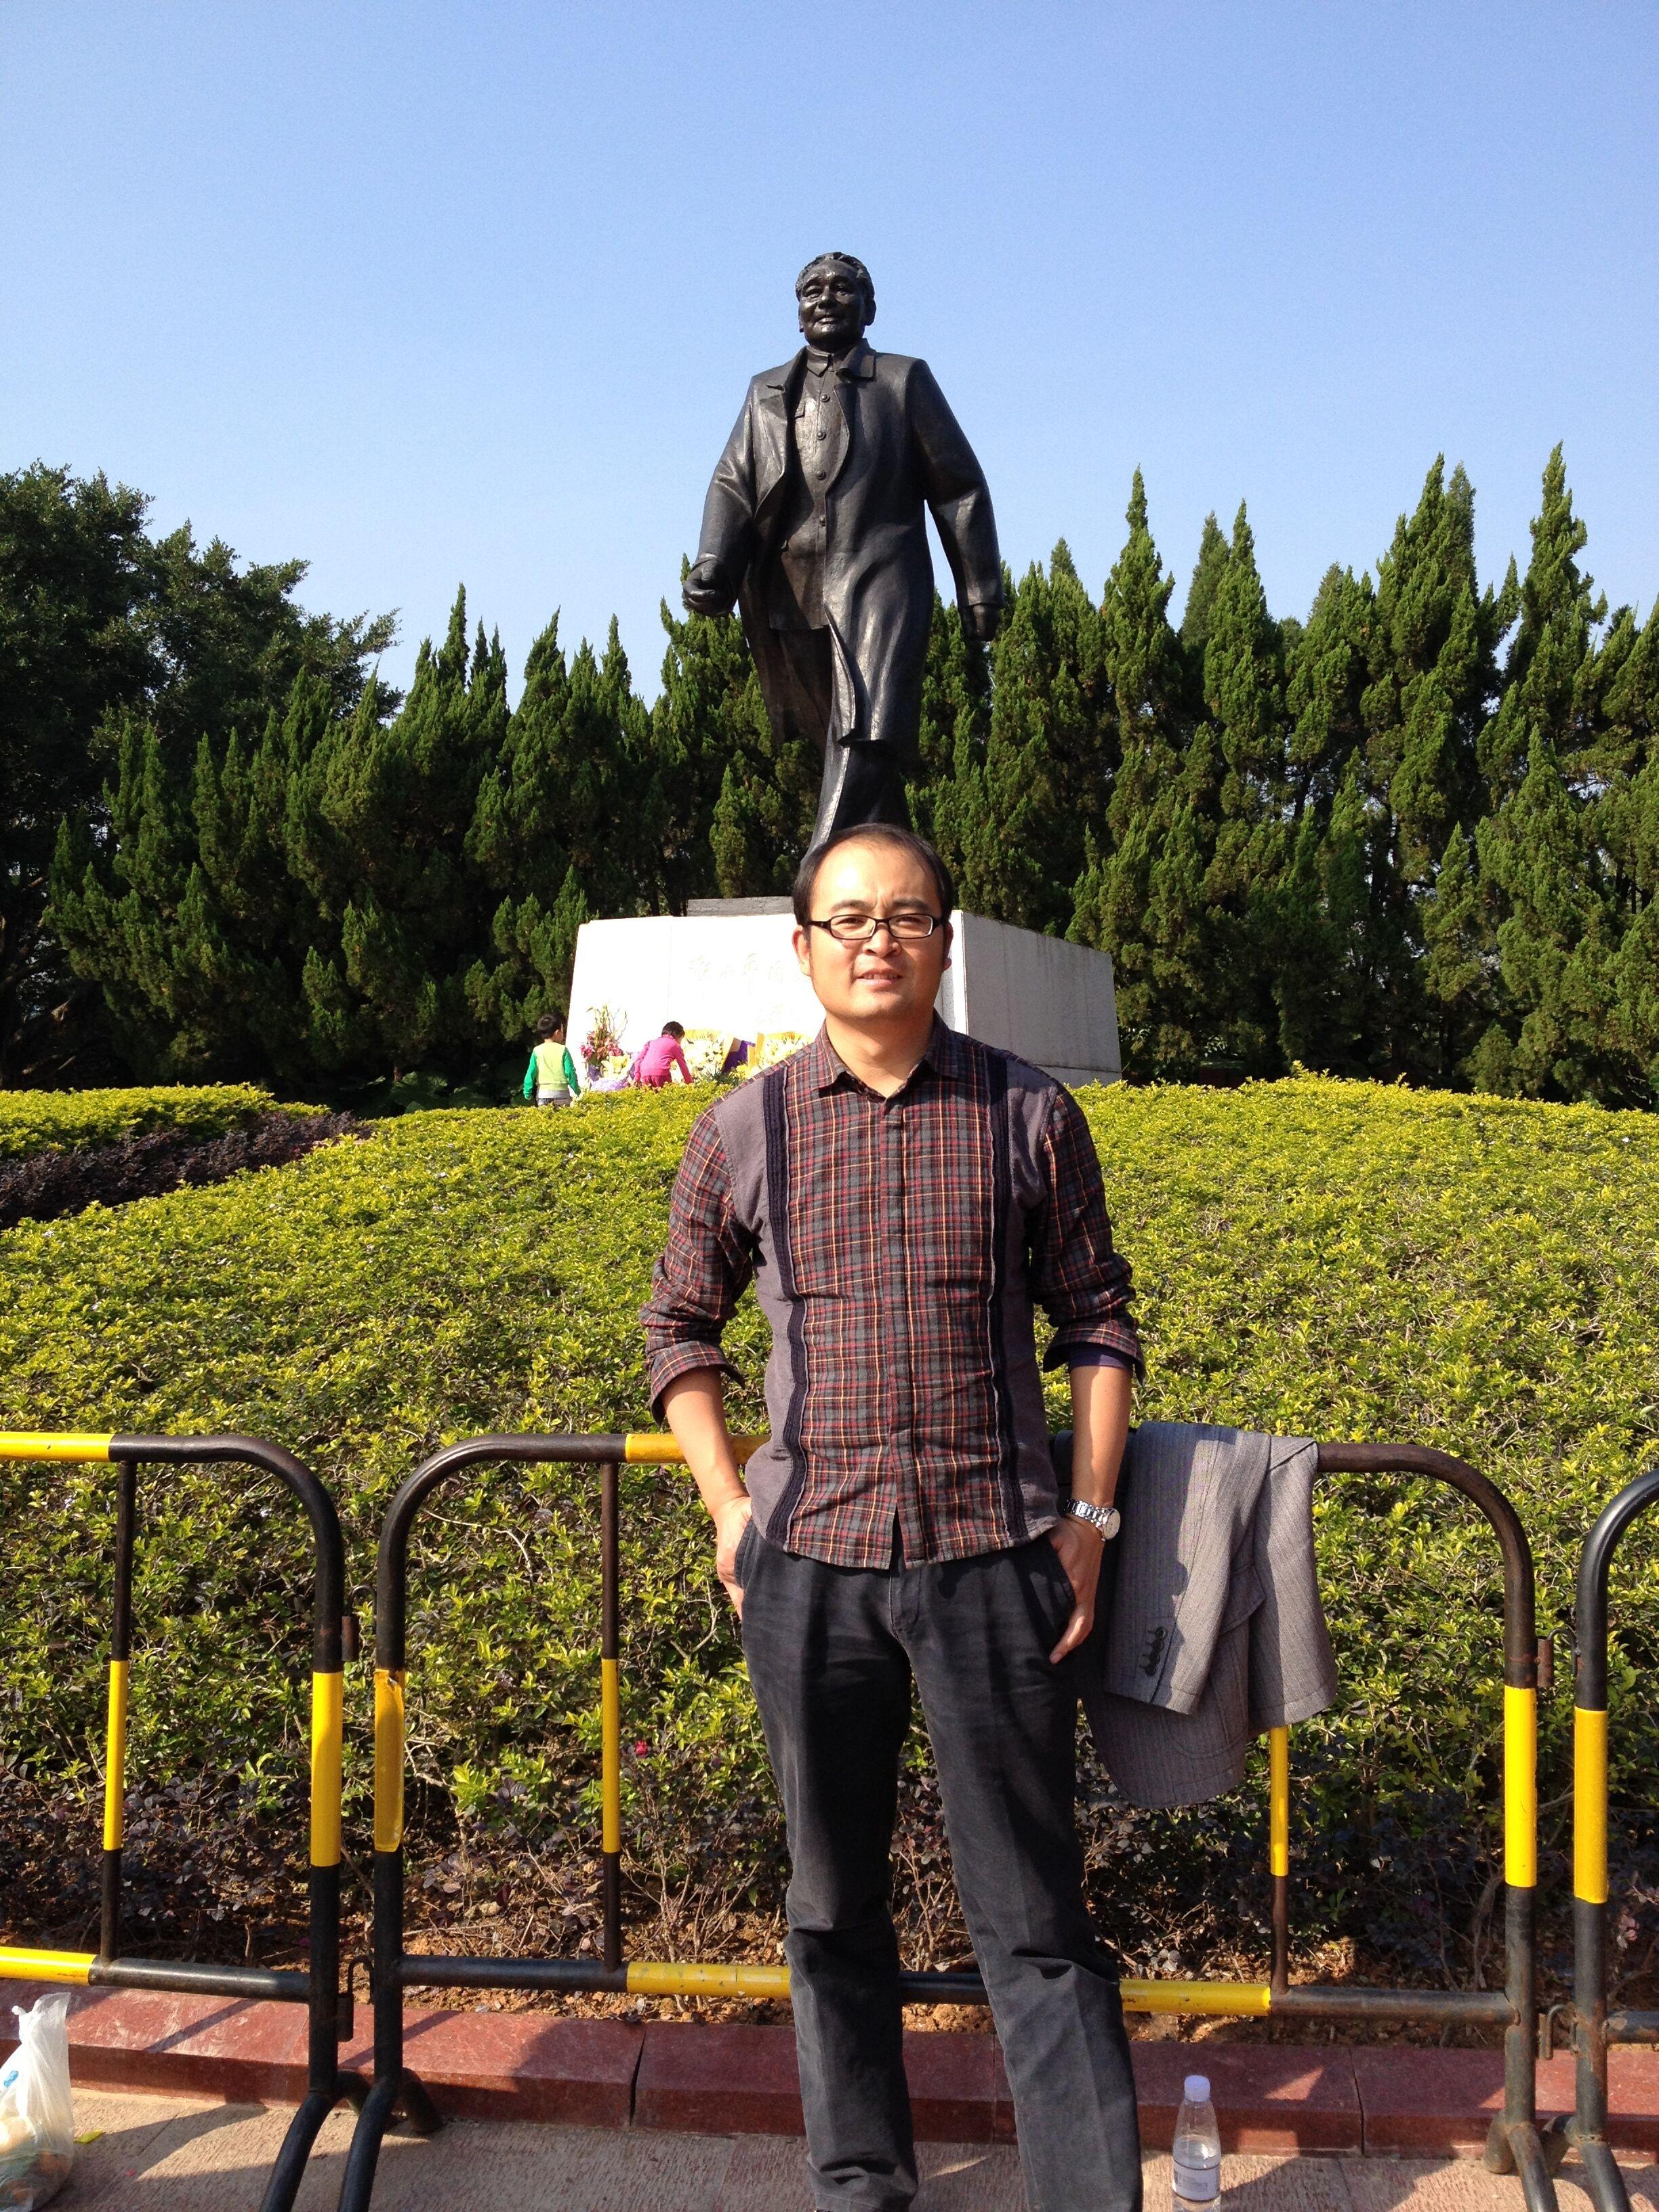 曾就读于青岛农业大学(获管理学学士学位),华中农业大学(获管理学硕士